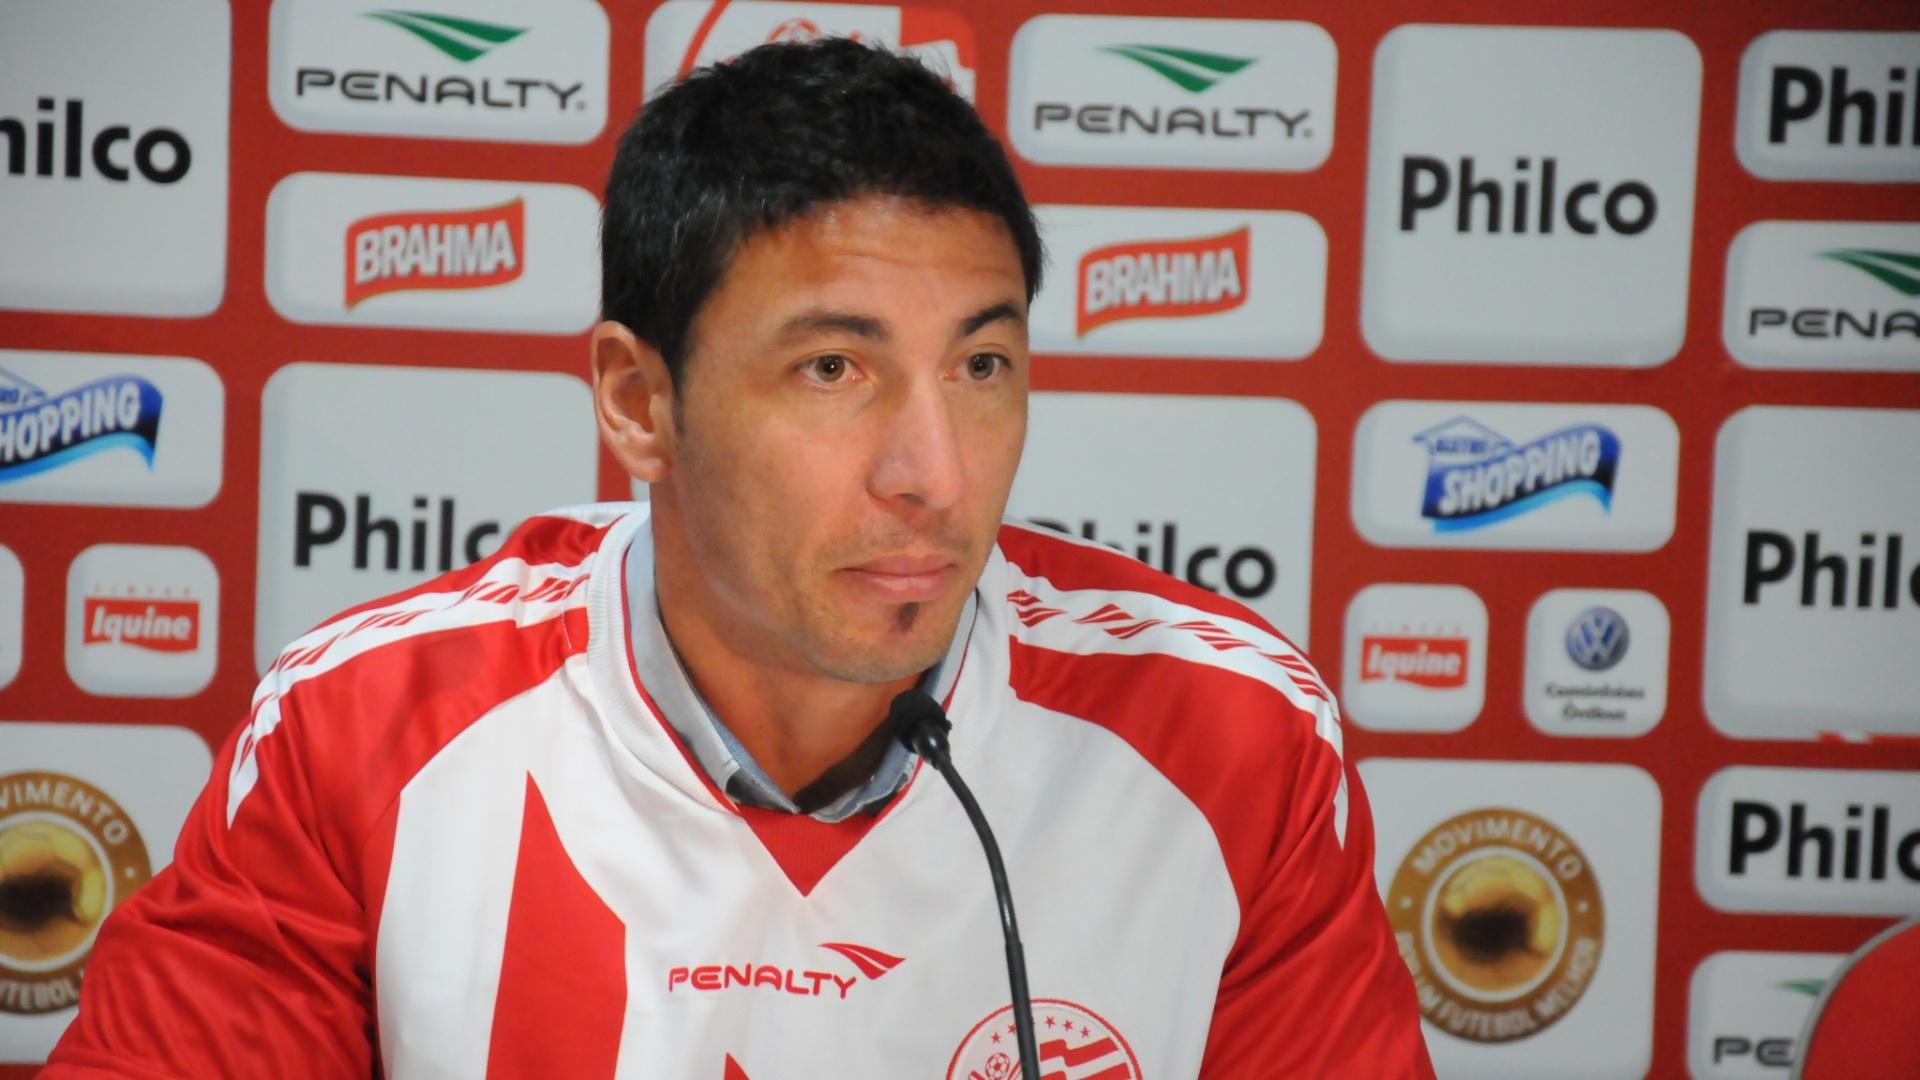 Juan Olivera concede primeira entrevista coletiva como jogador do Náutico